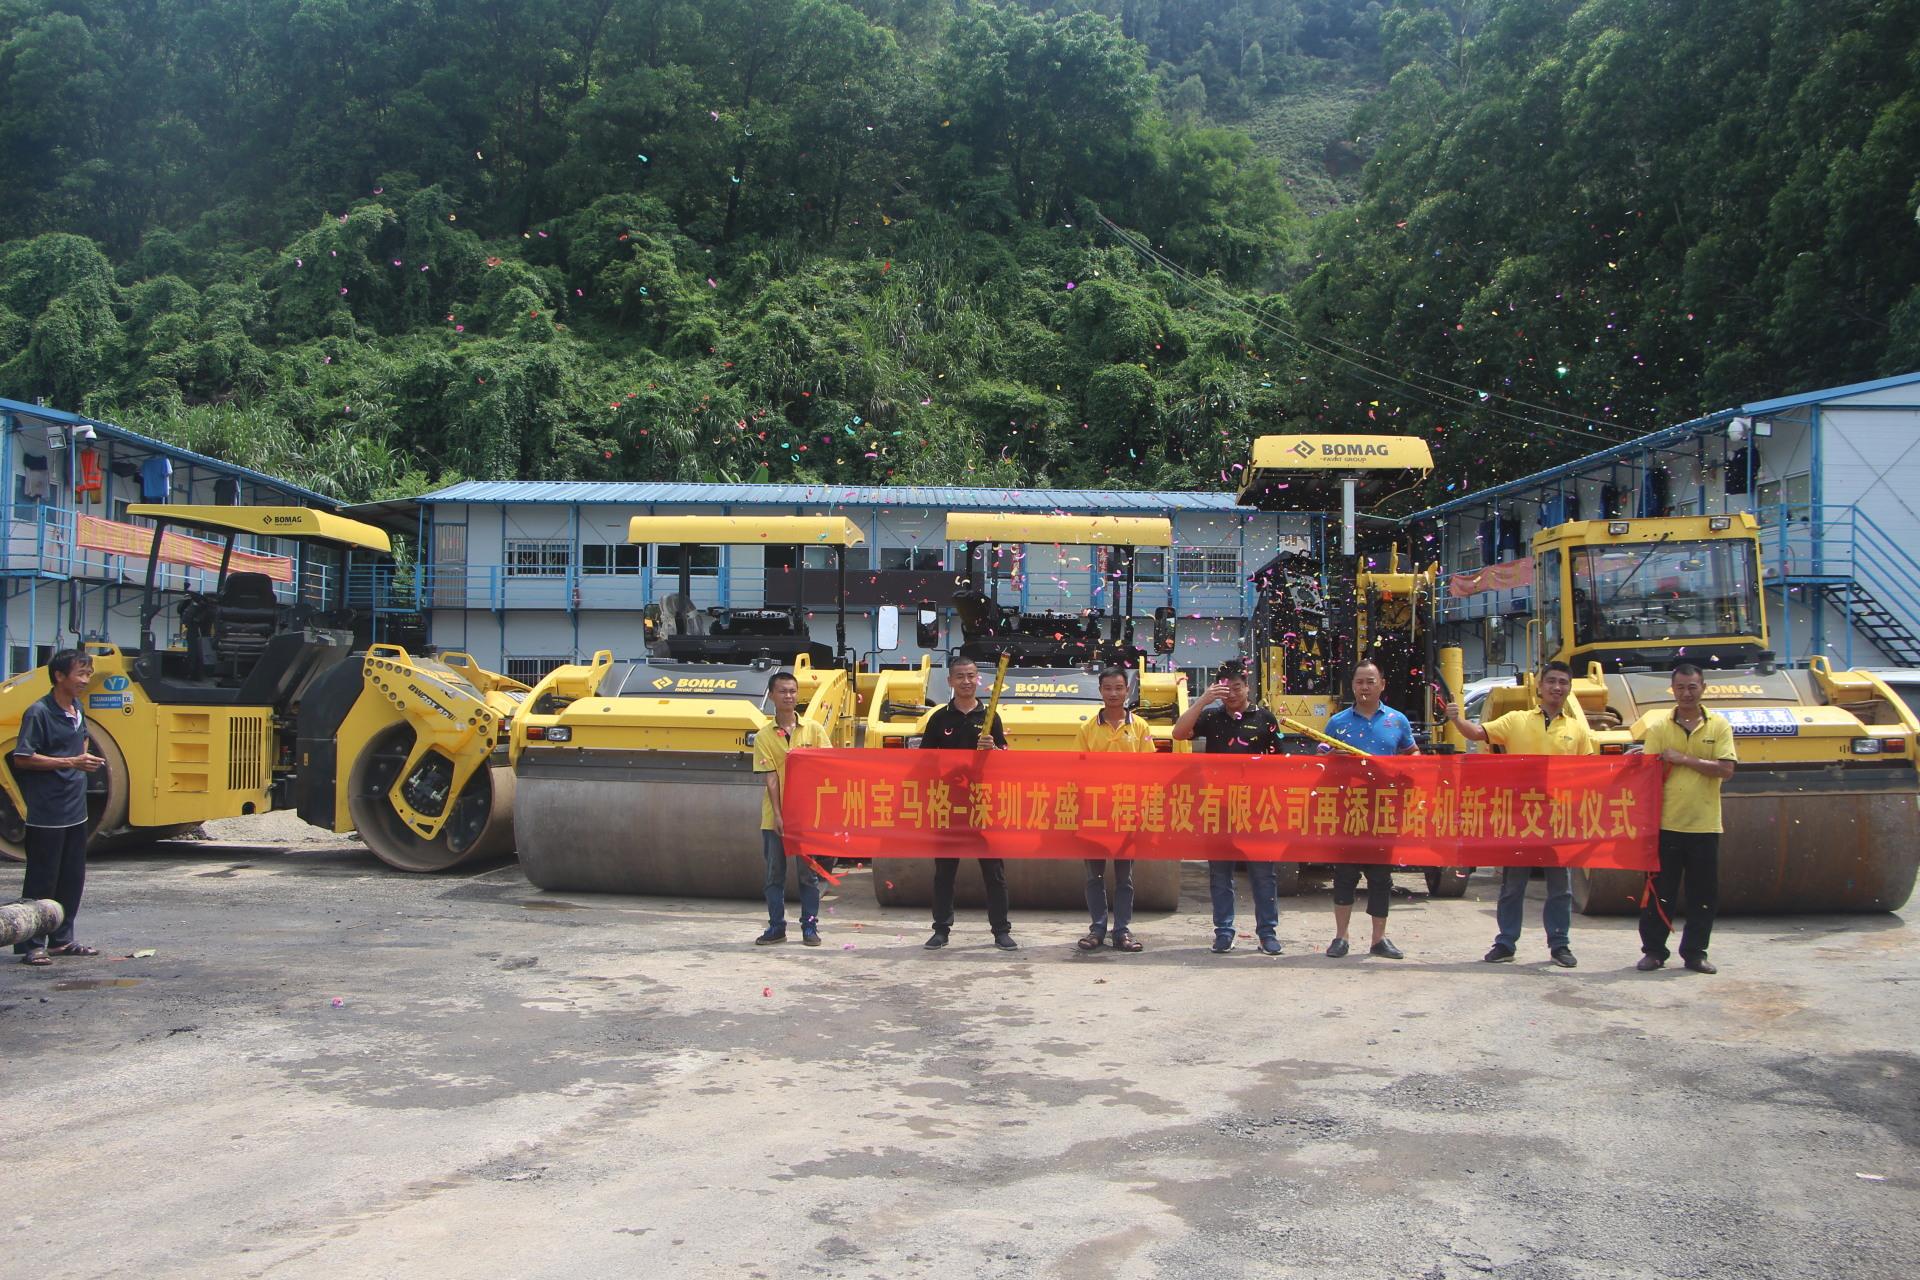 惠州沥青混凝土搅拌站,惠州沥青路面施工,惠州沥青混凝土销售示例图2